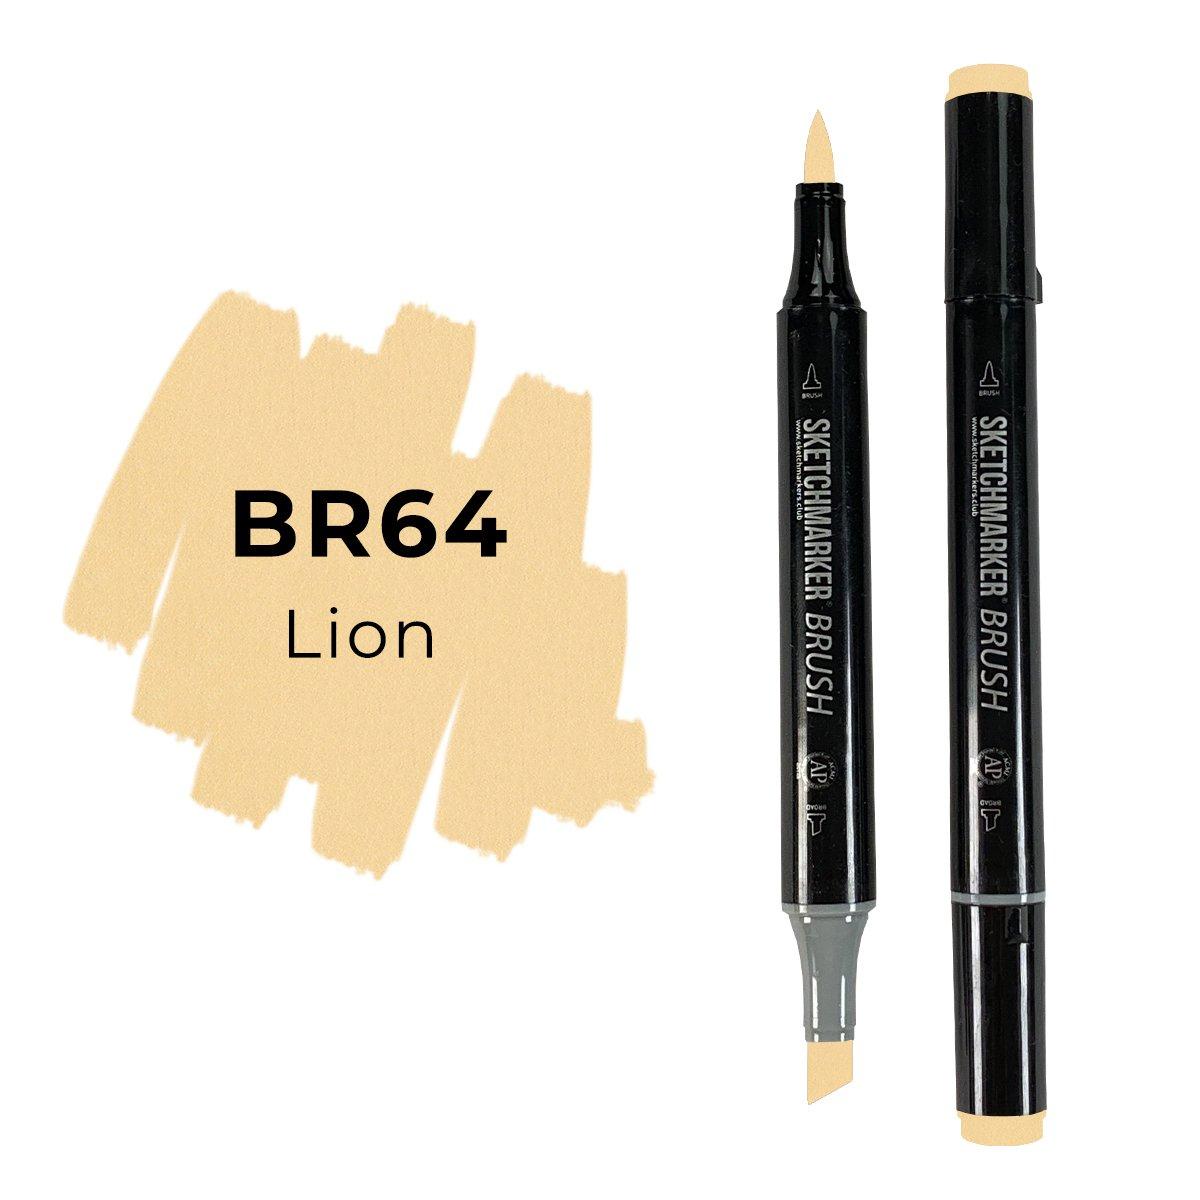 SKETCHMARKER BRUSH PRO Color: Lion